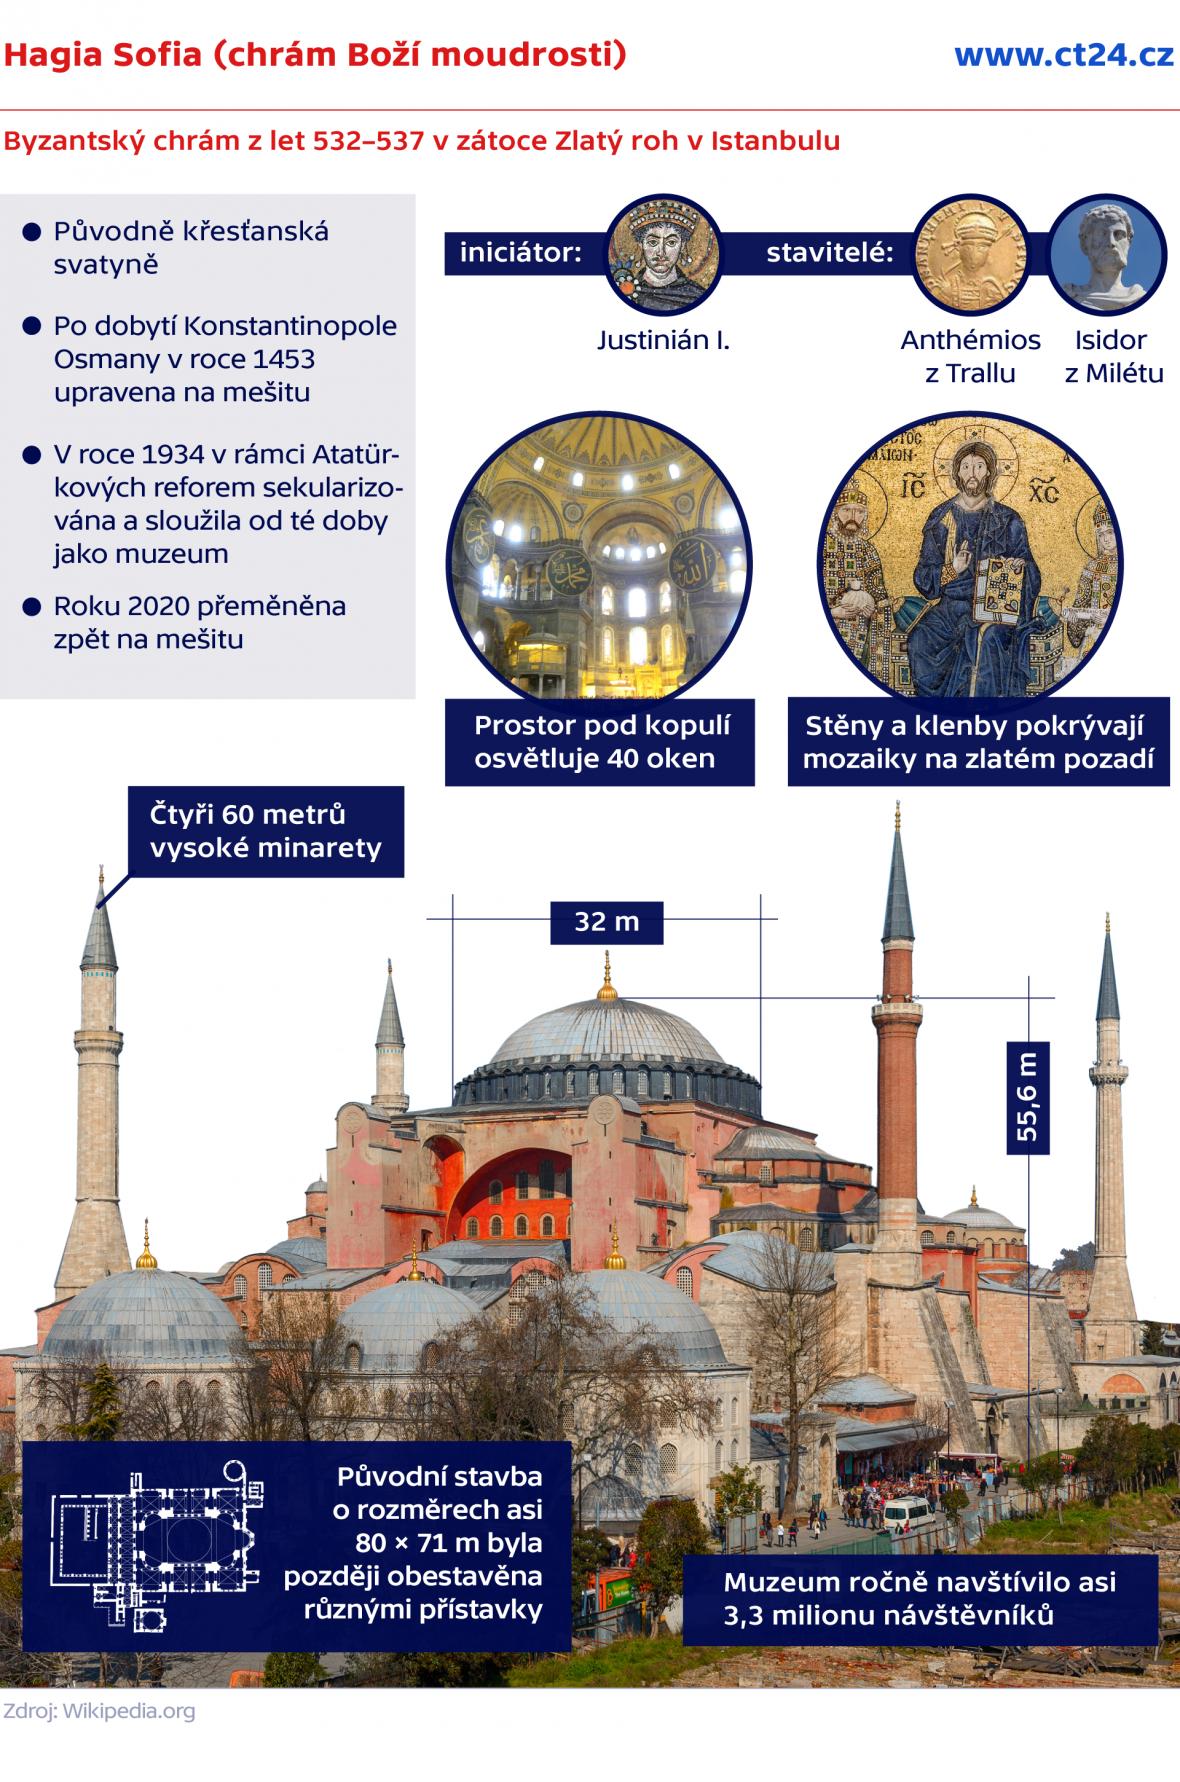 Hagia Sofia (chrám Boží moudrosti)